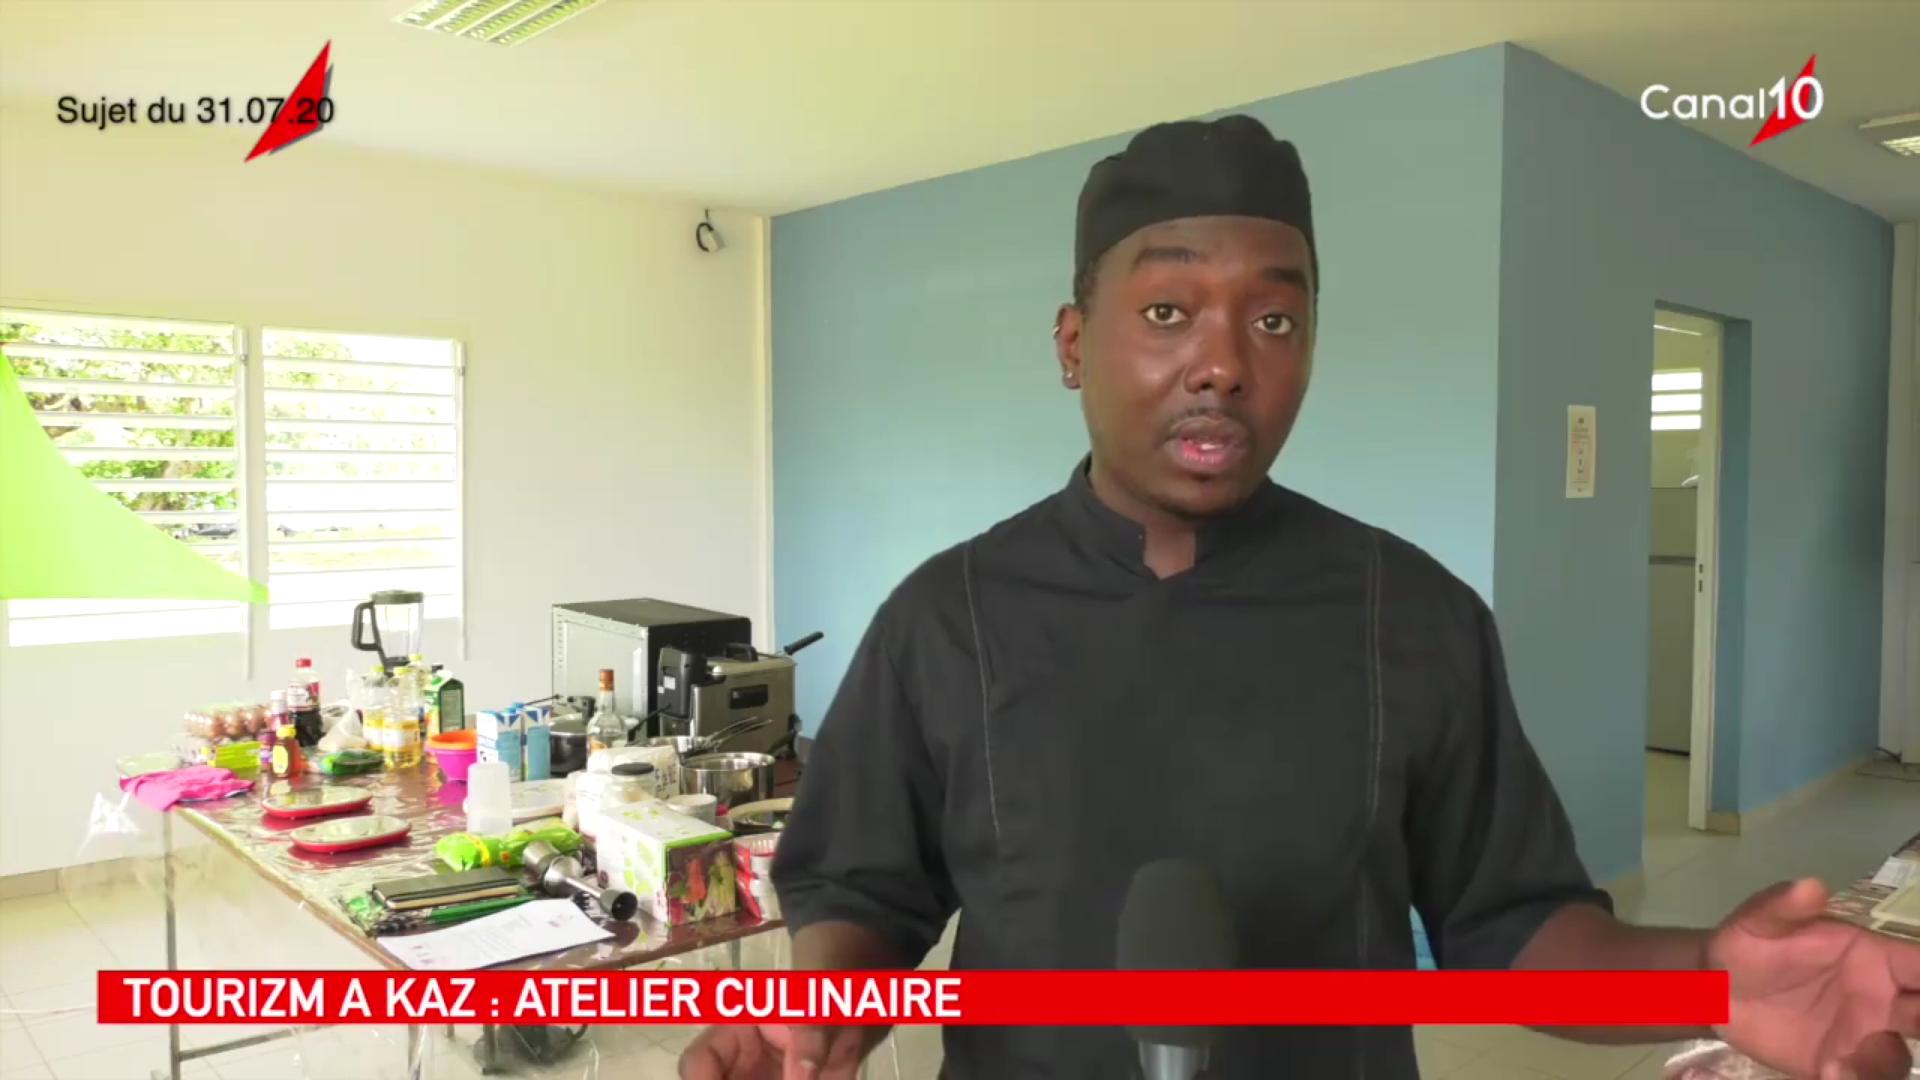 [Vidéo] Onews Guadeloupe.Tourizm à Kaz atelier culinaire (canal 10)